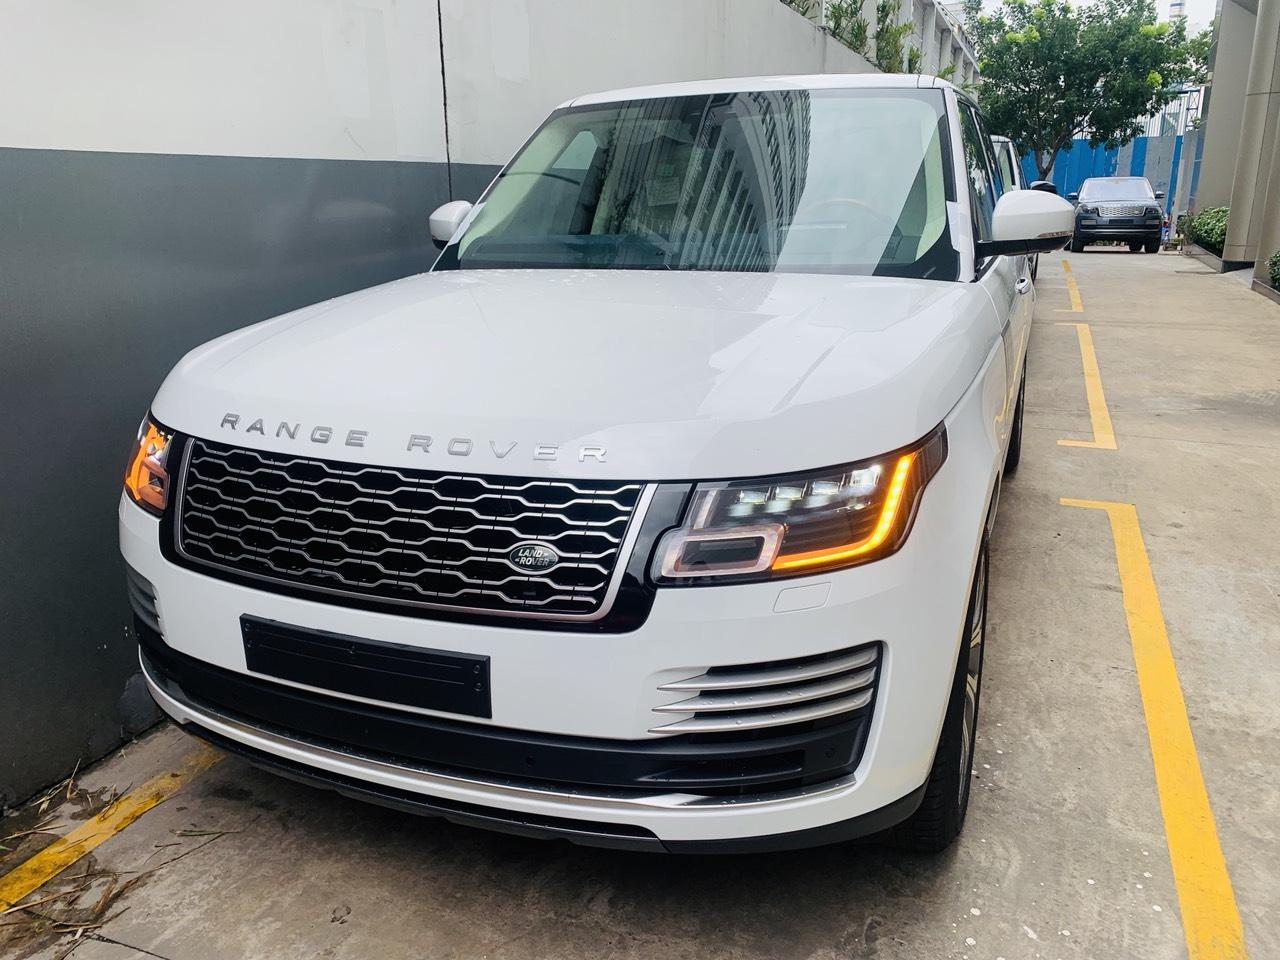 Giá Xe Range Rover Vogue 3.0 Supercharged Đời Mới Nhất Tại Việt Nam model 2020 nhiêu tiền, hiên tai giá là 8,899 triệu đồng tại hãng